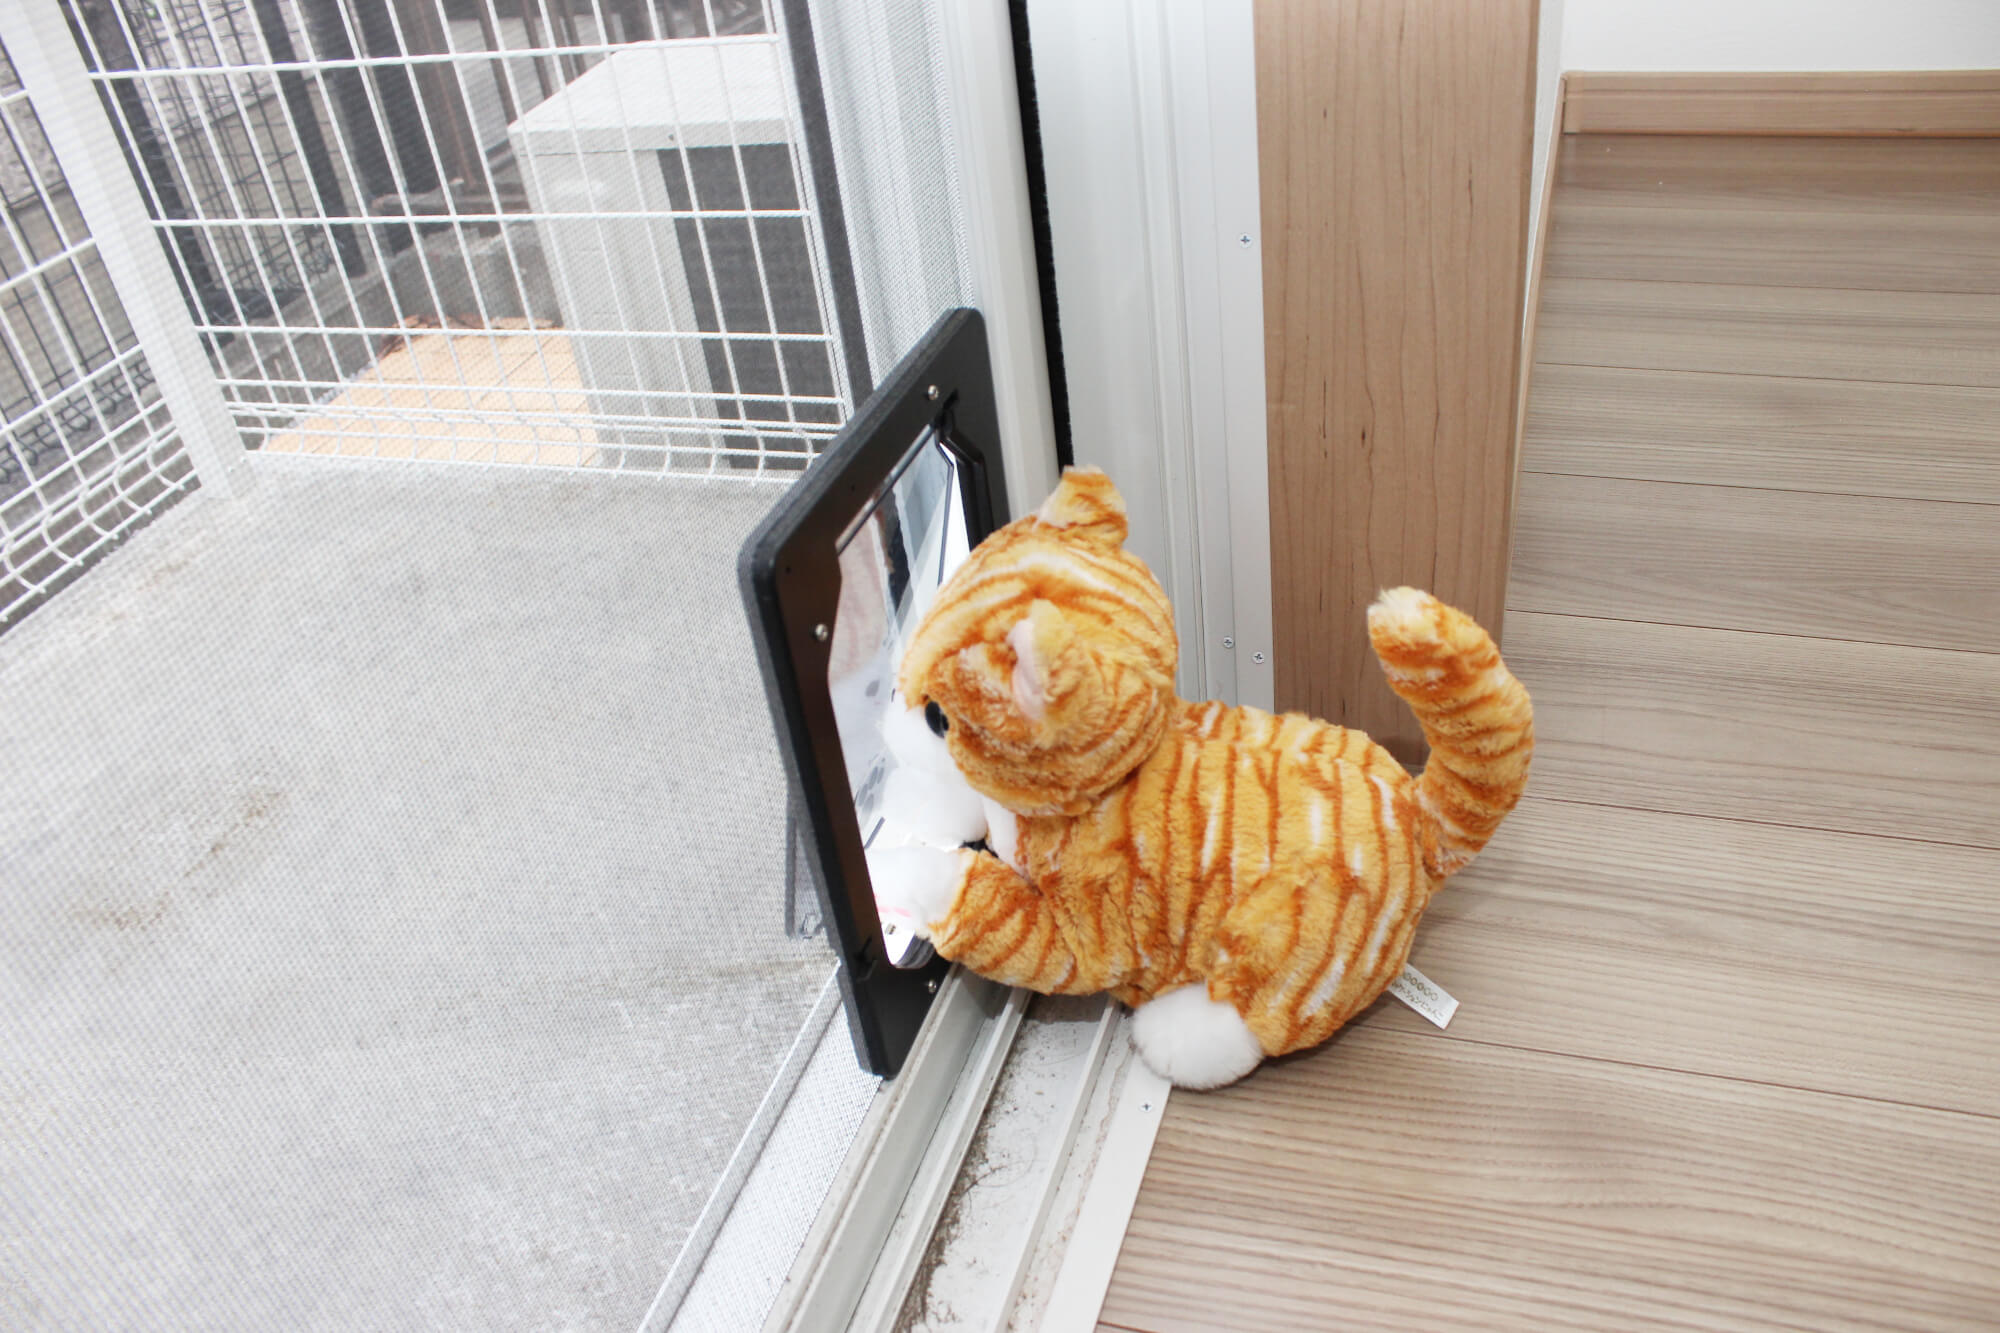 テラスに出る網戸にはネコさん専用ドア付いてます。至れり尽くせりですにゃ。